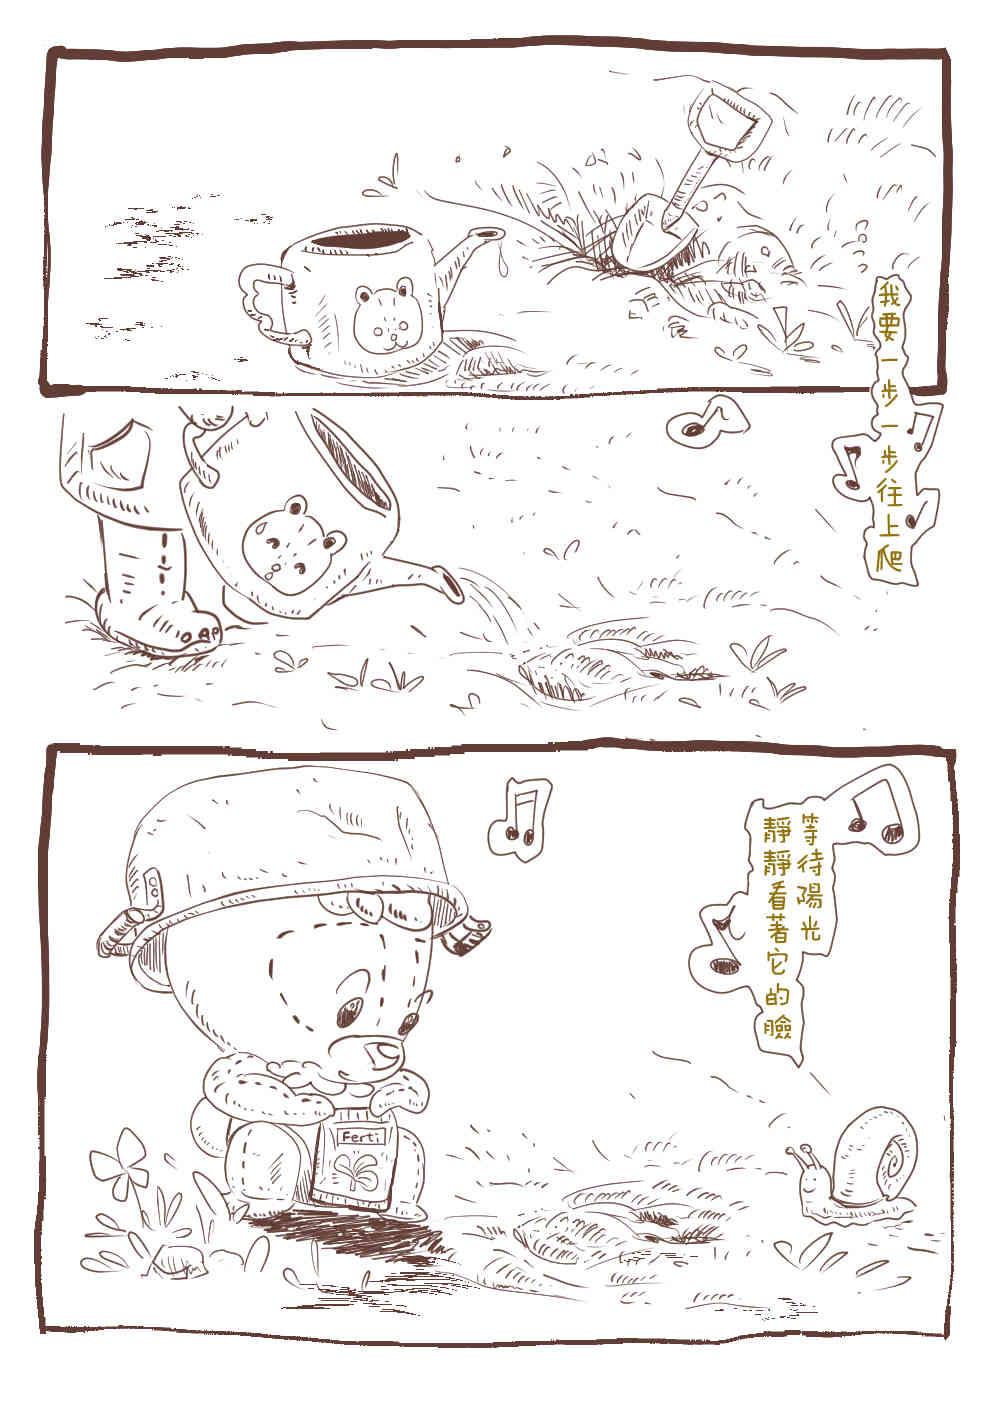 小熊諾樂「蝸牛」特別篇2